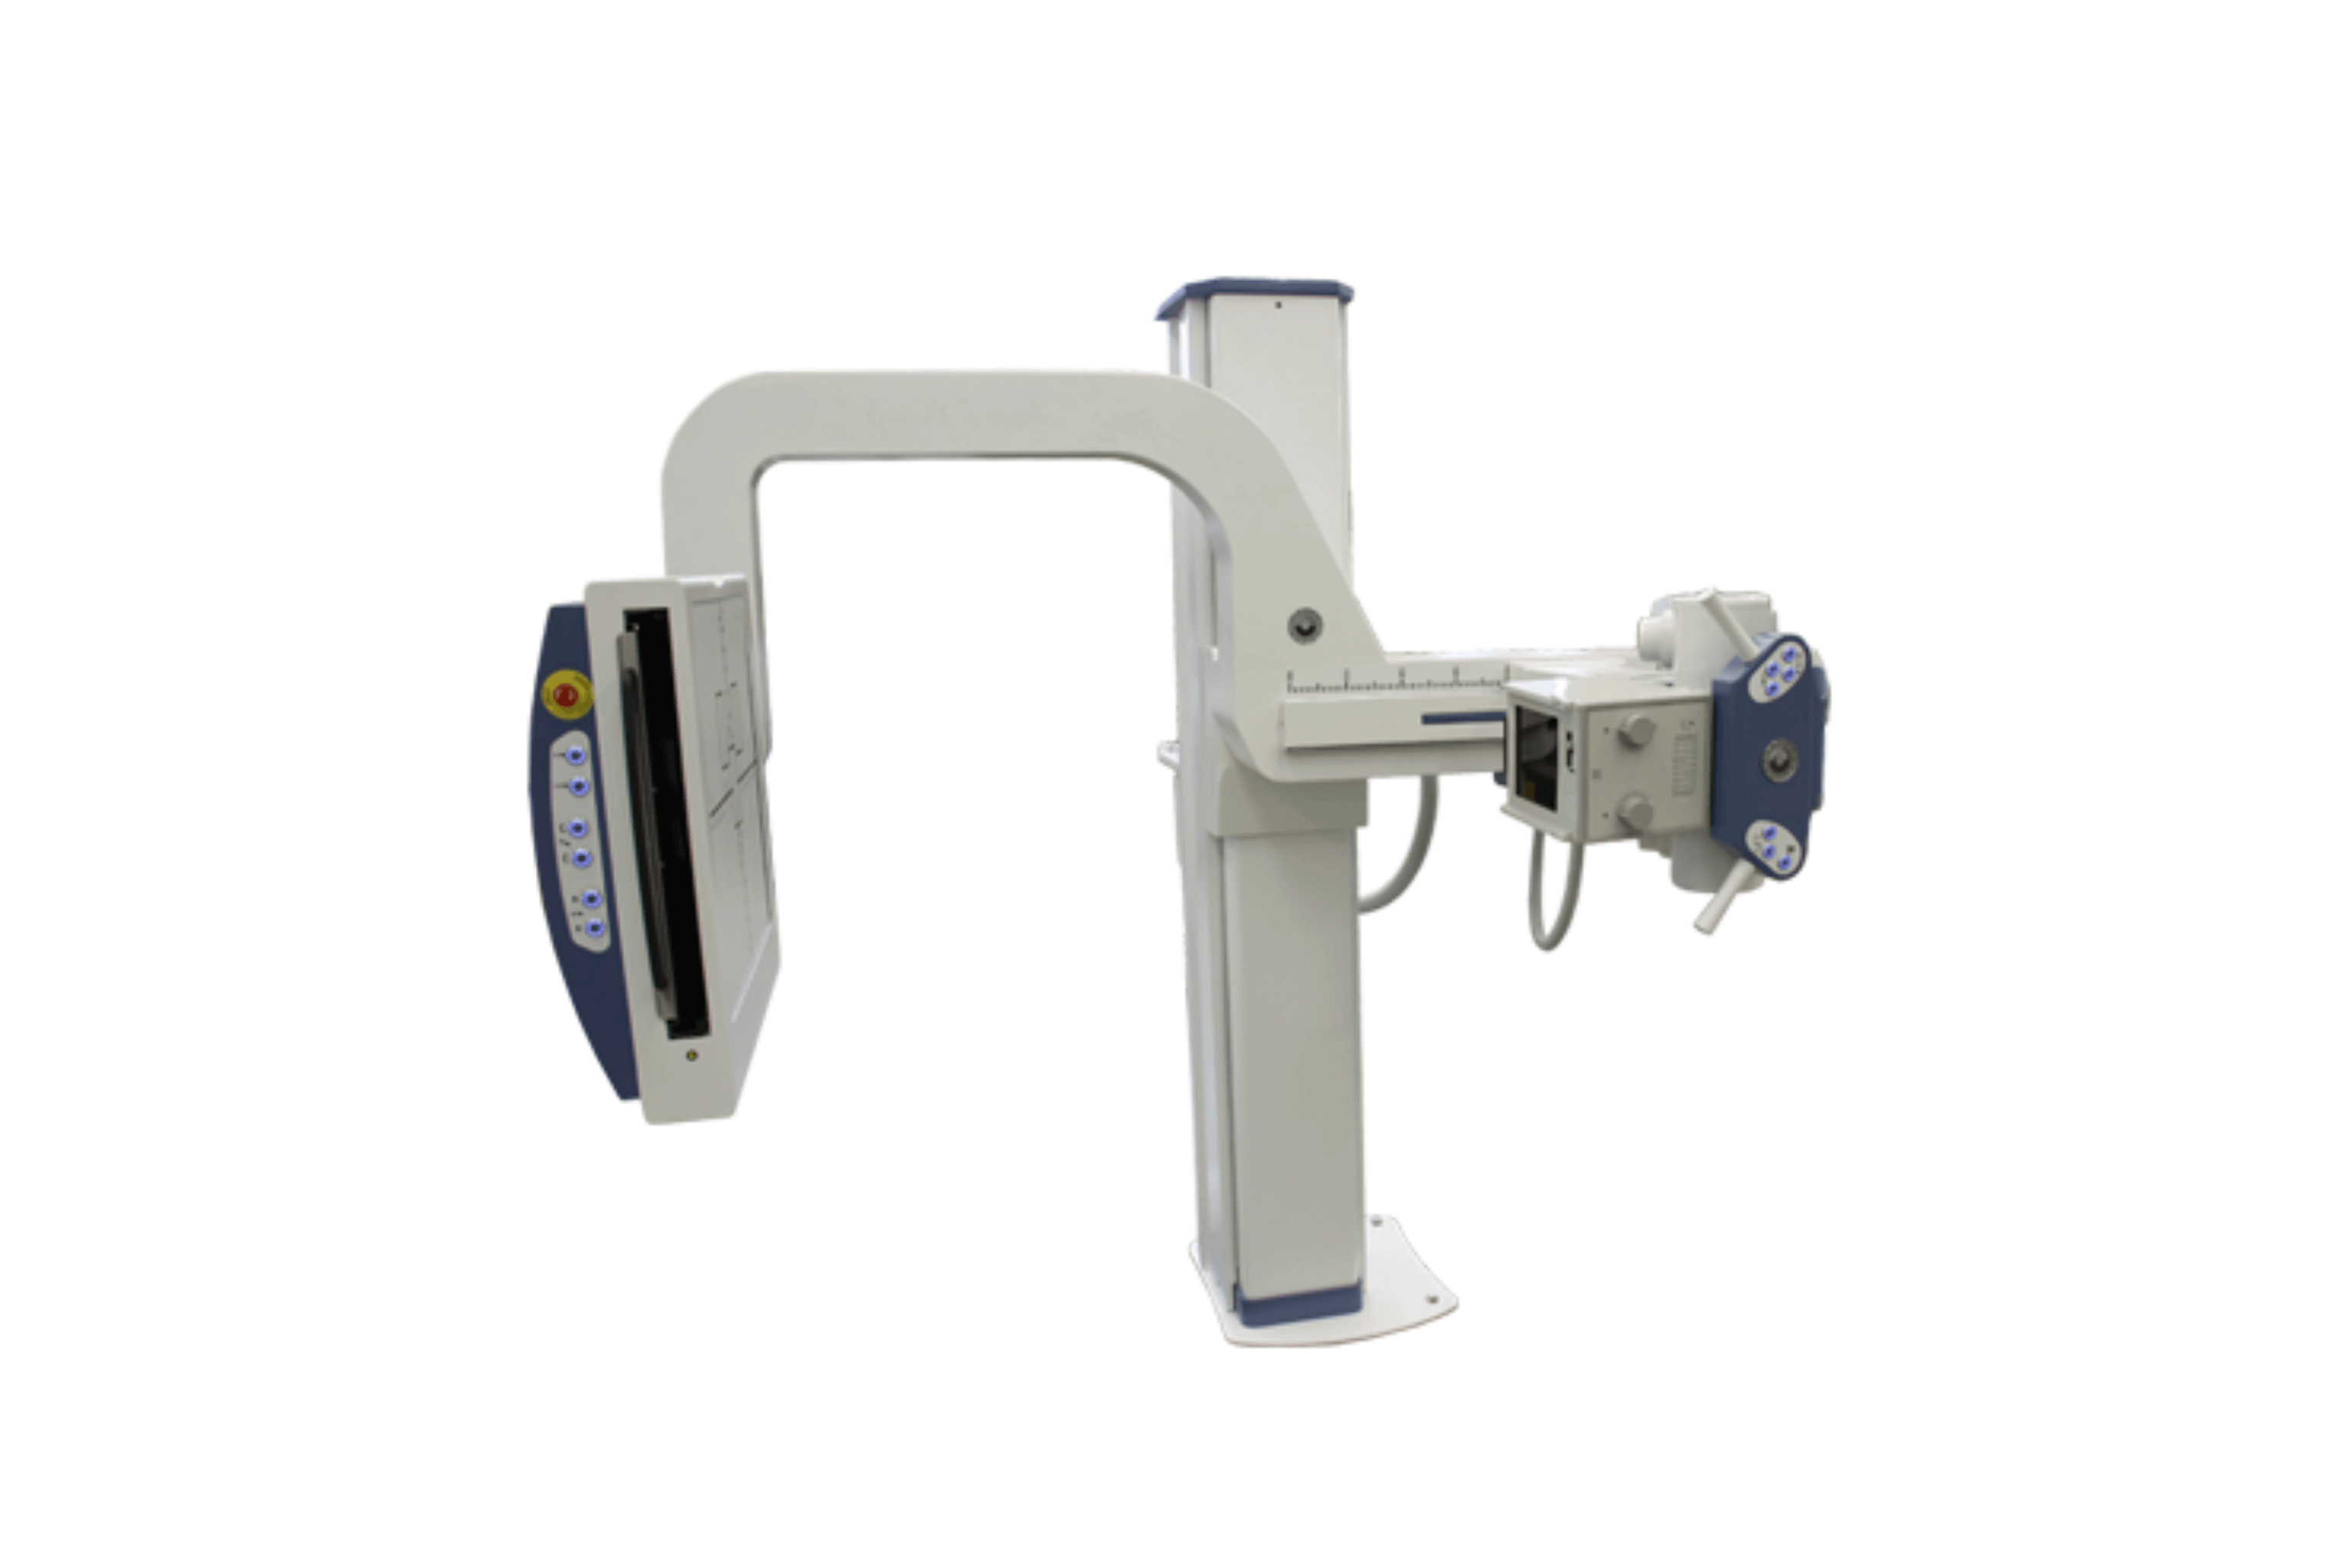 BReeZe – Arcom radiologia convencional Radiology breeze arcom radiografia